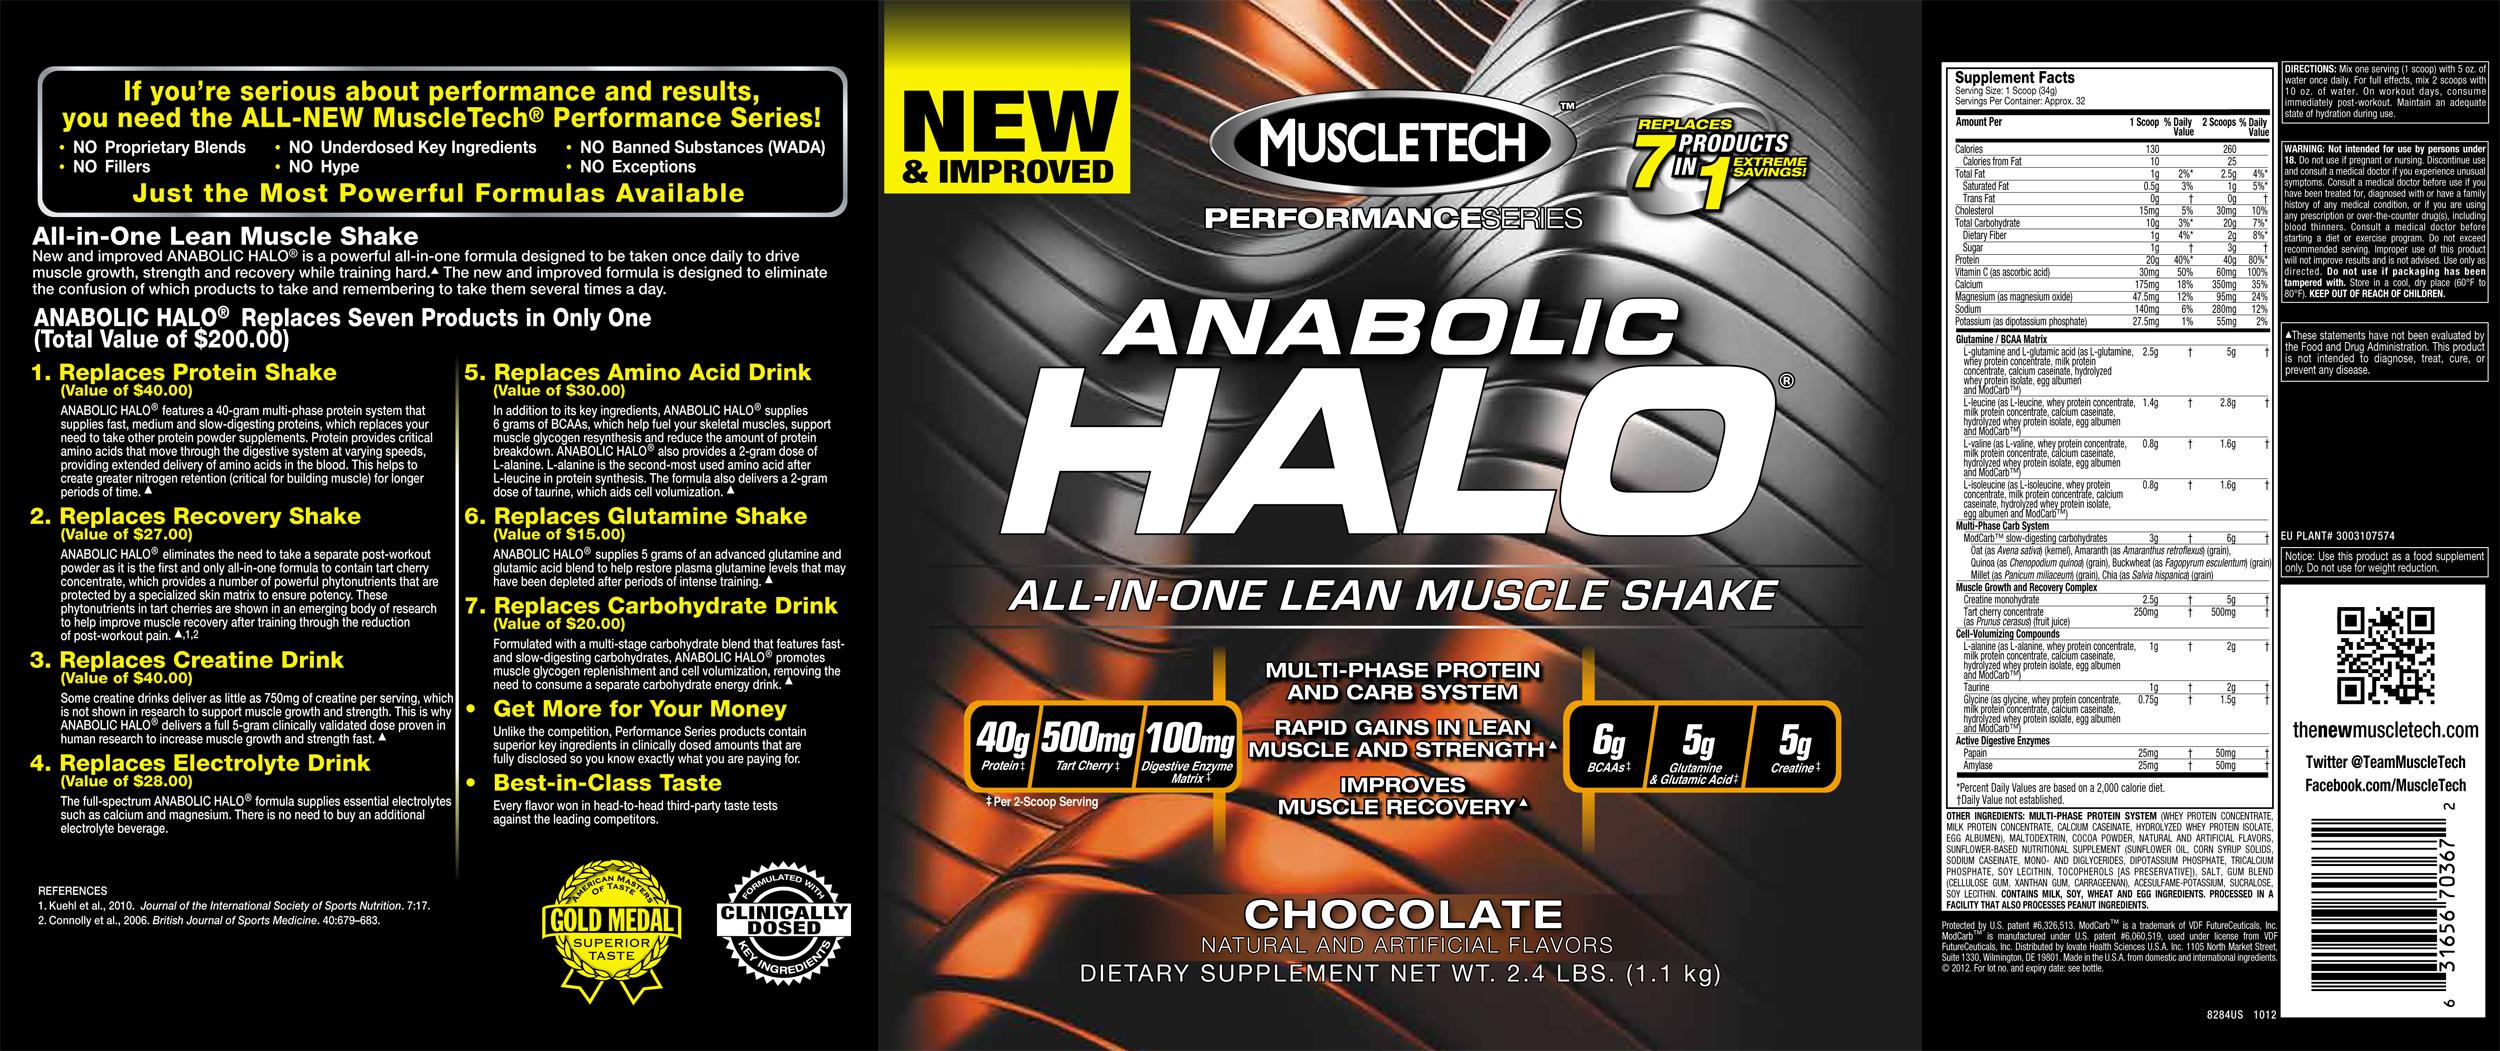 عکس معرفی و بررسی مکمل Anabolic halo